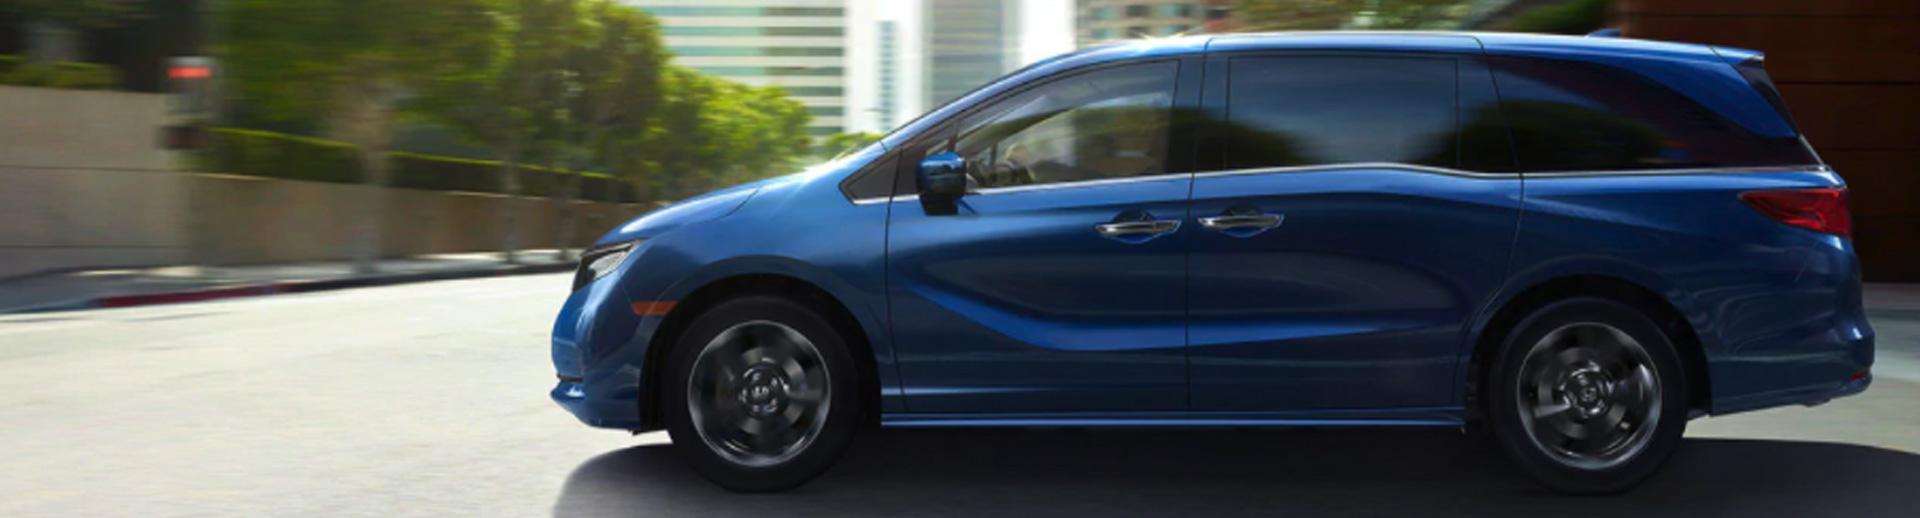 2022 Honda Odyssey Lifestyle Photo